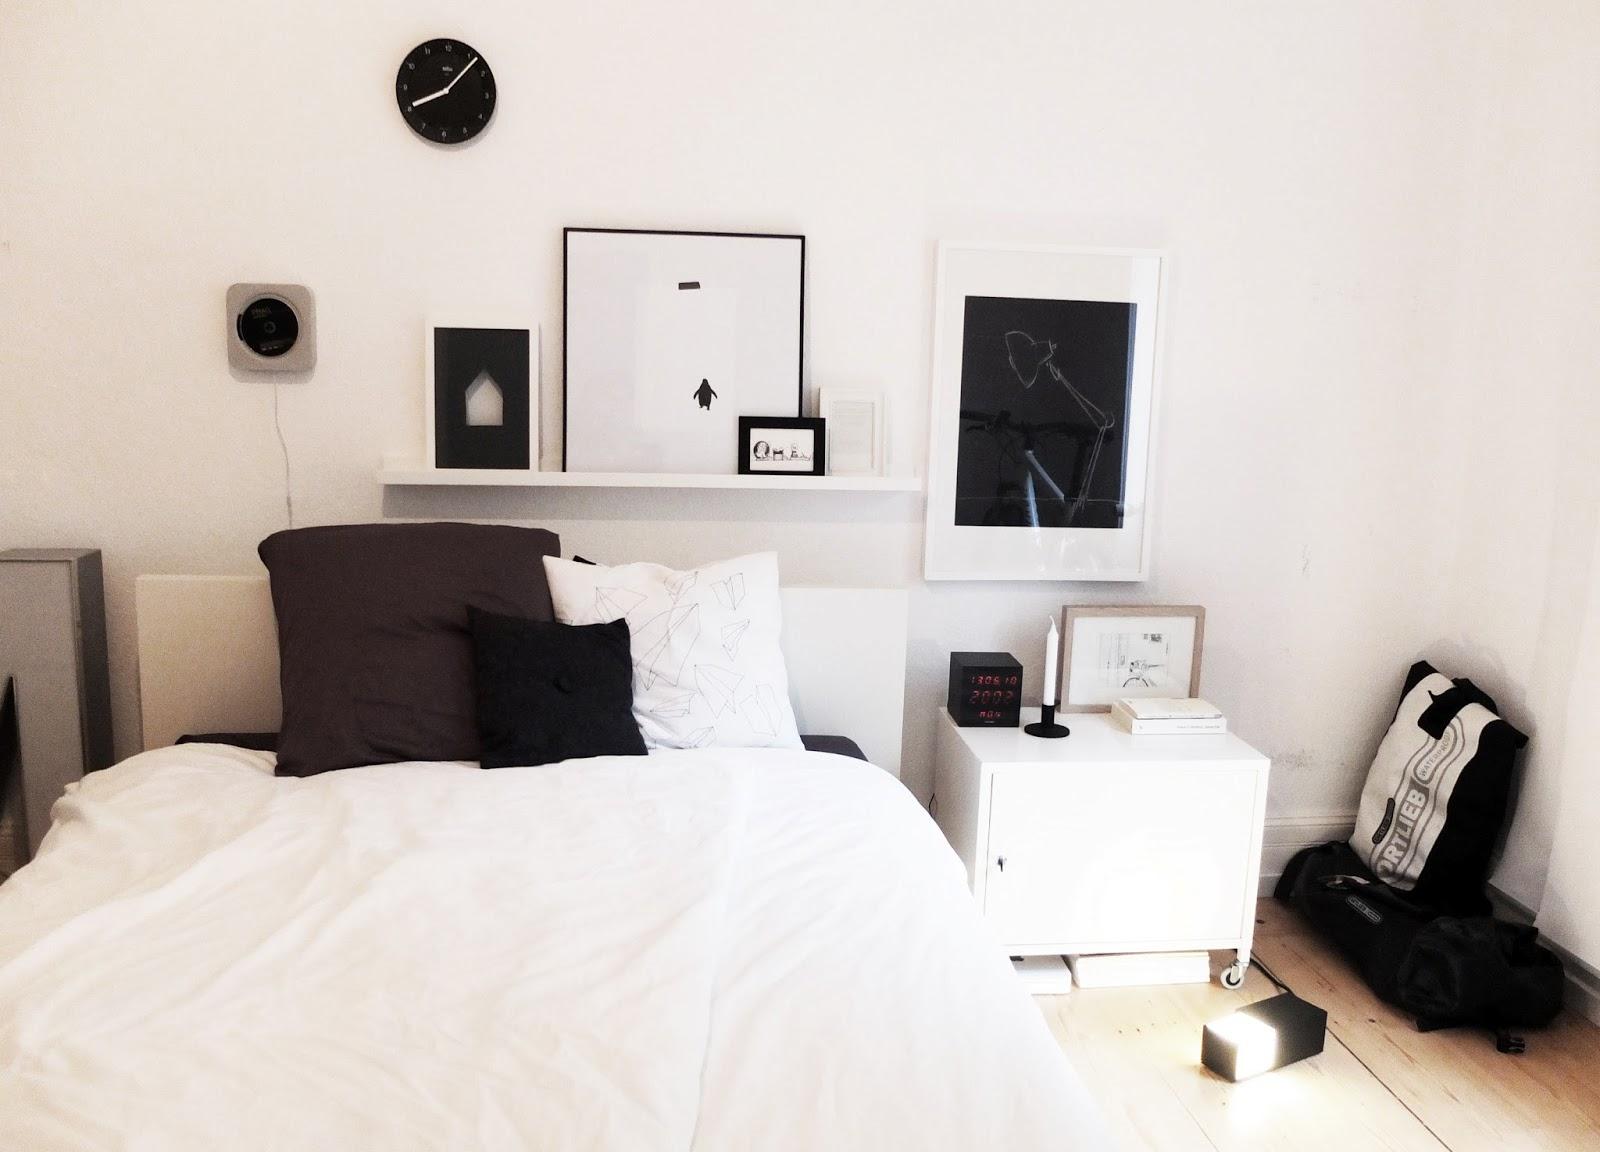 maulwurfsh gelig wohnliches bilderwand die zweite. Black Bedroom Furniture Sets. Home Design Ideas